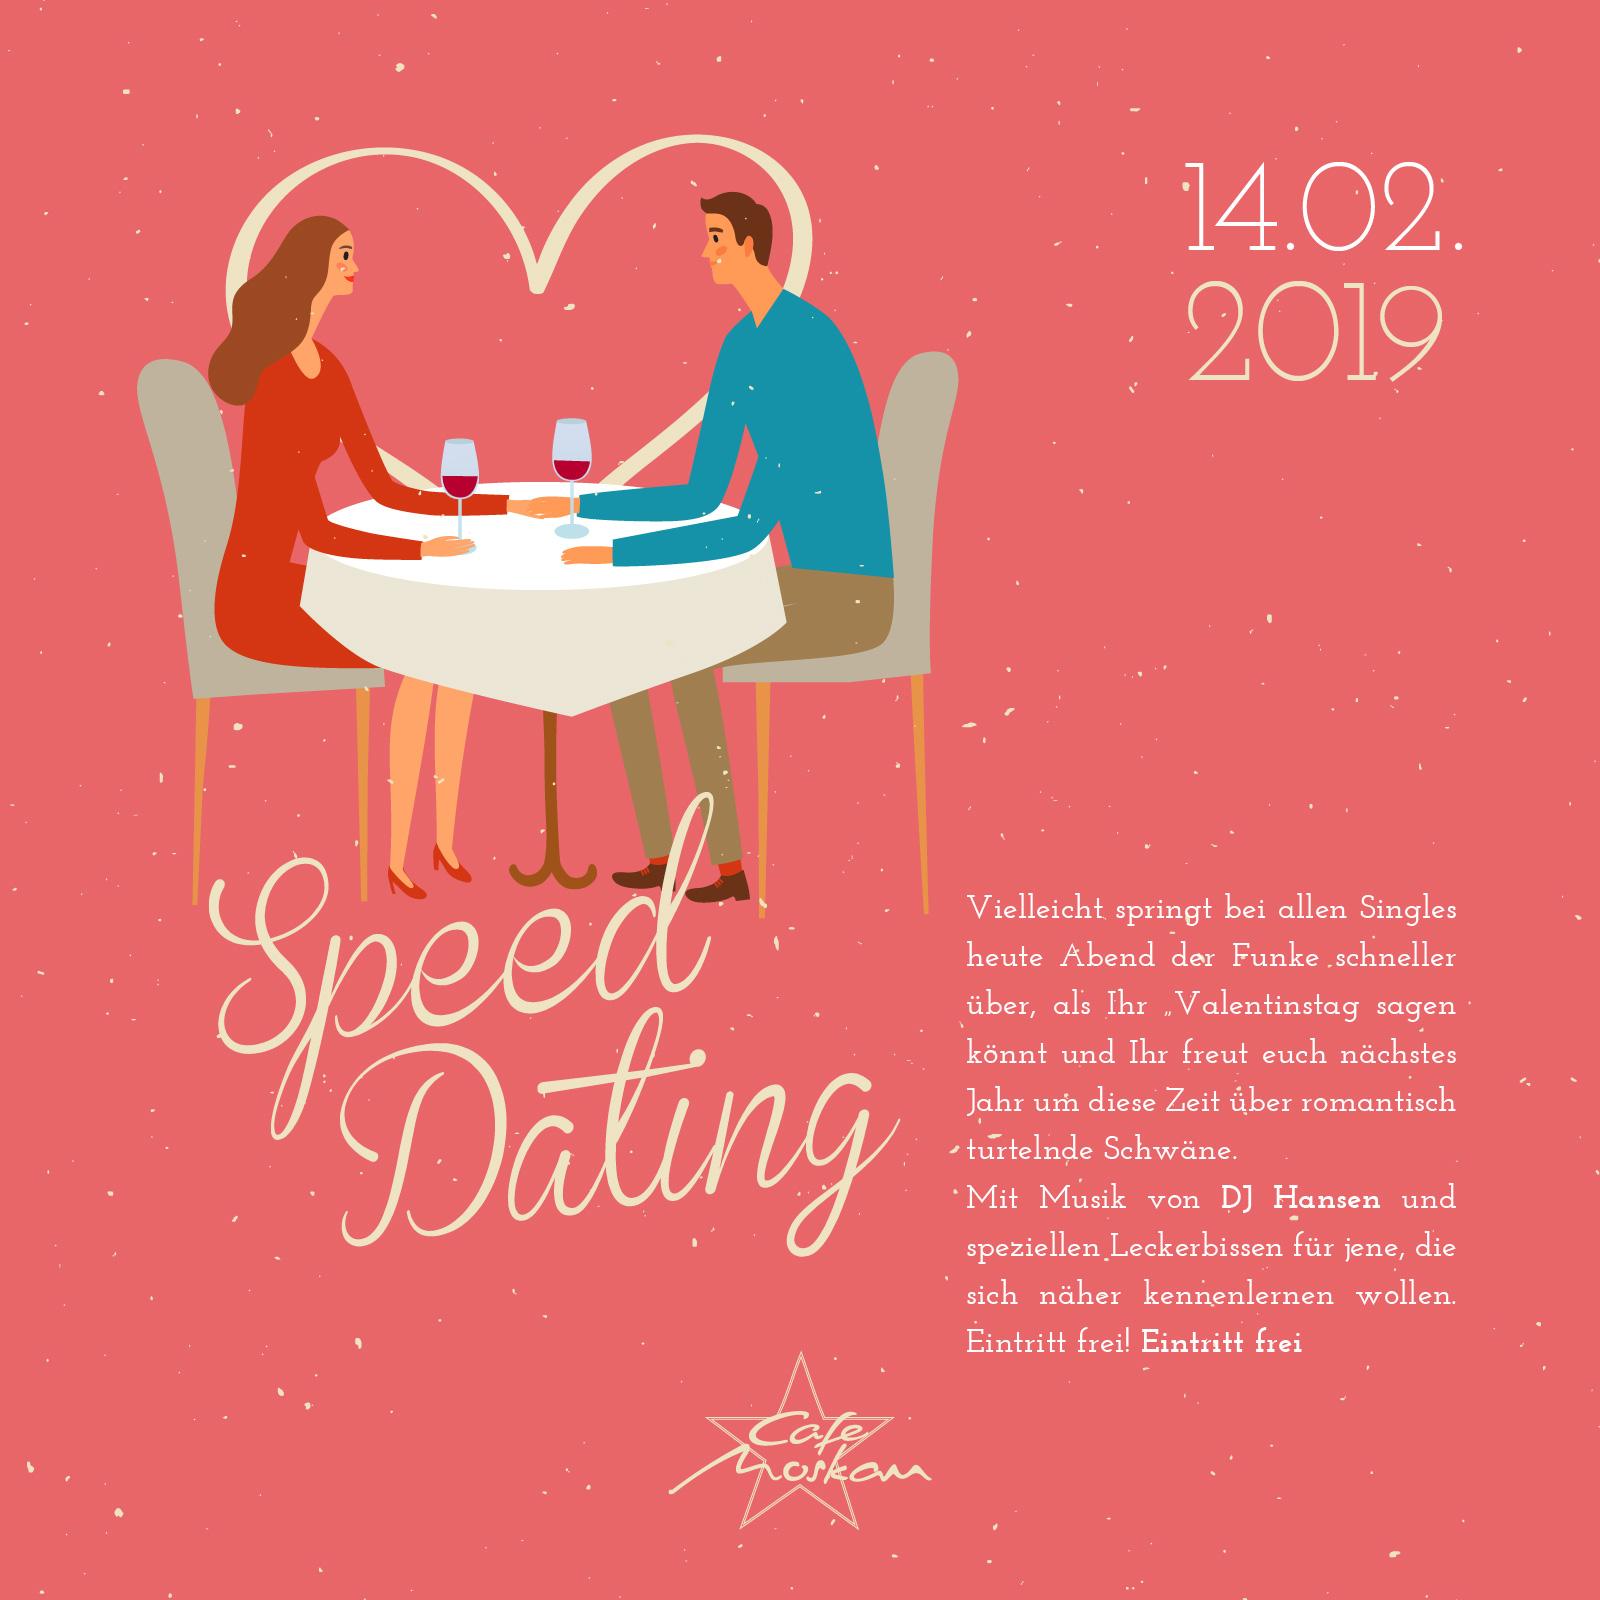 Online-Dating-Seiten in vereinten Staaten